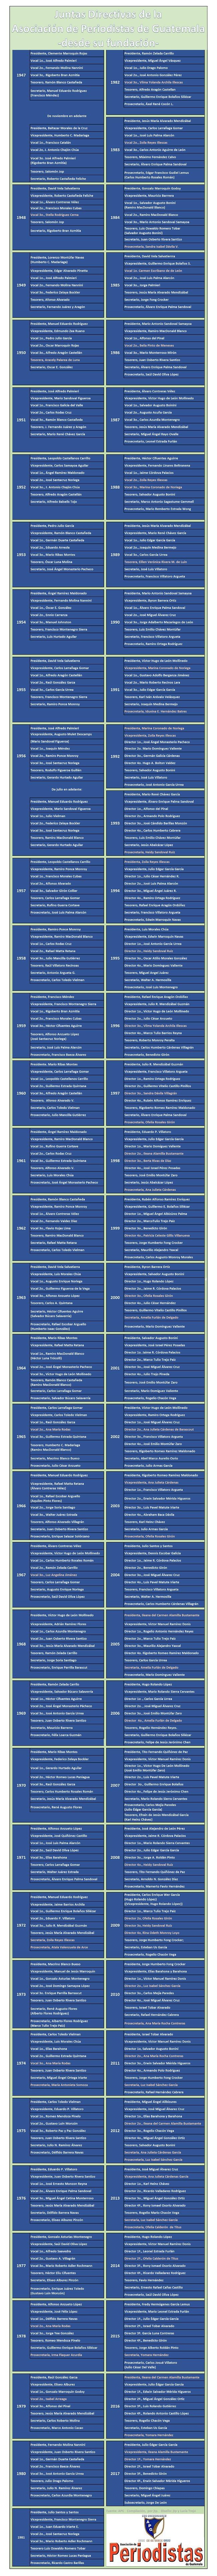 APG NOMBRES JUNTAS DIRECTIVAS 1947 A 2017 70 AÑOS 74 JD-----